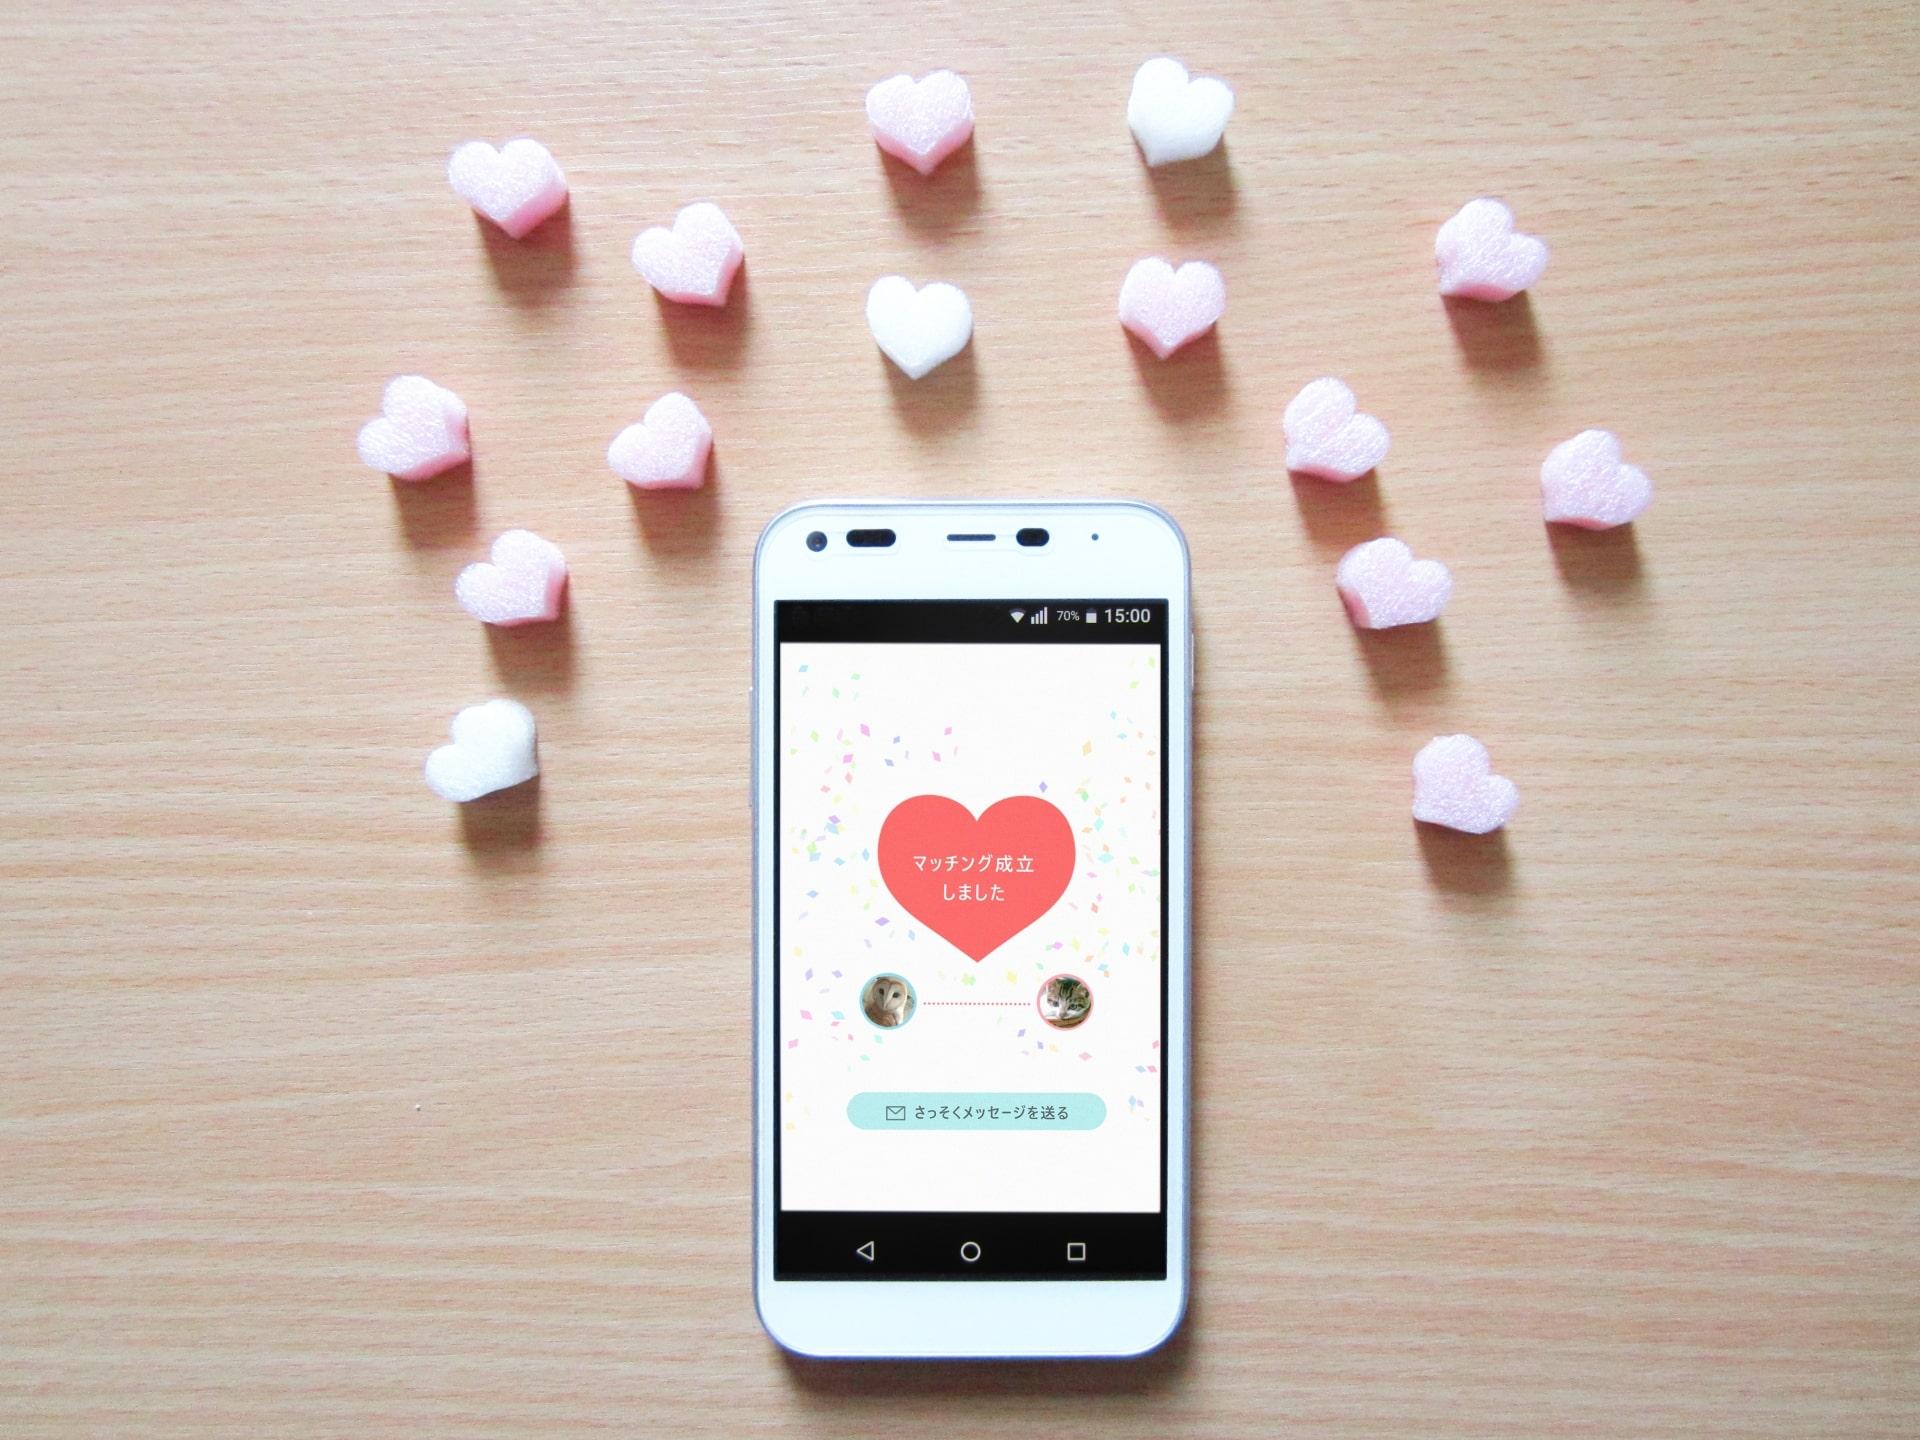 【婚活】アプリ型の婚活を成功させる方法